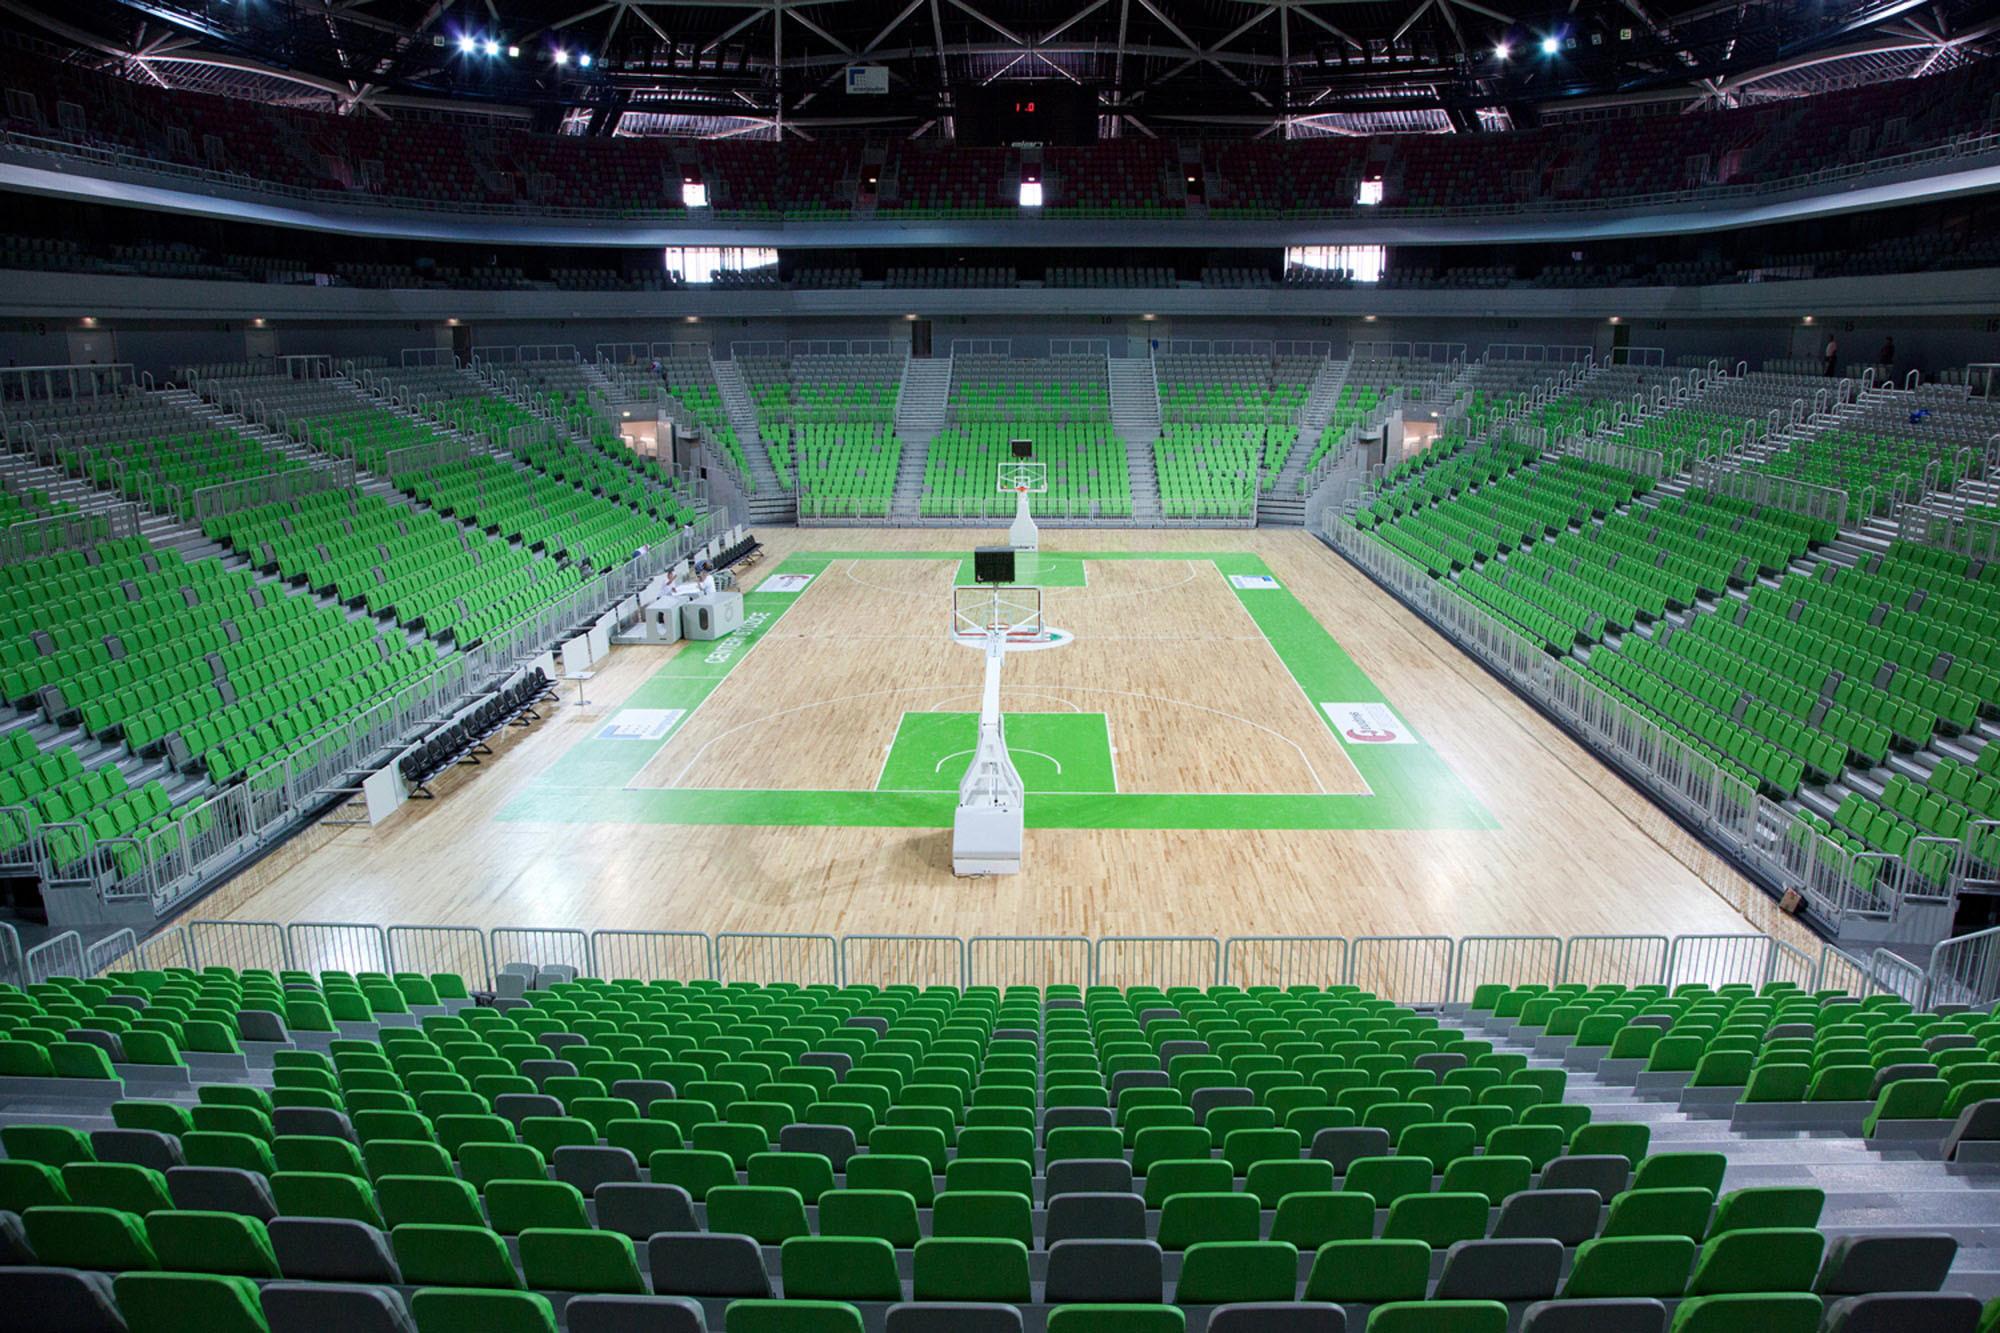 Öffentlicher Raum Stadion.jpg